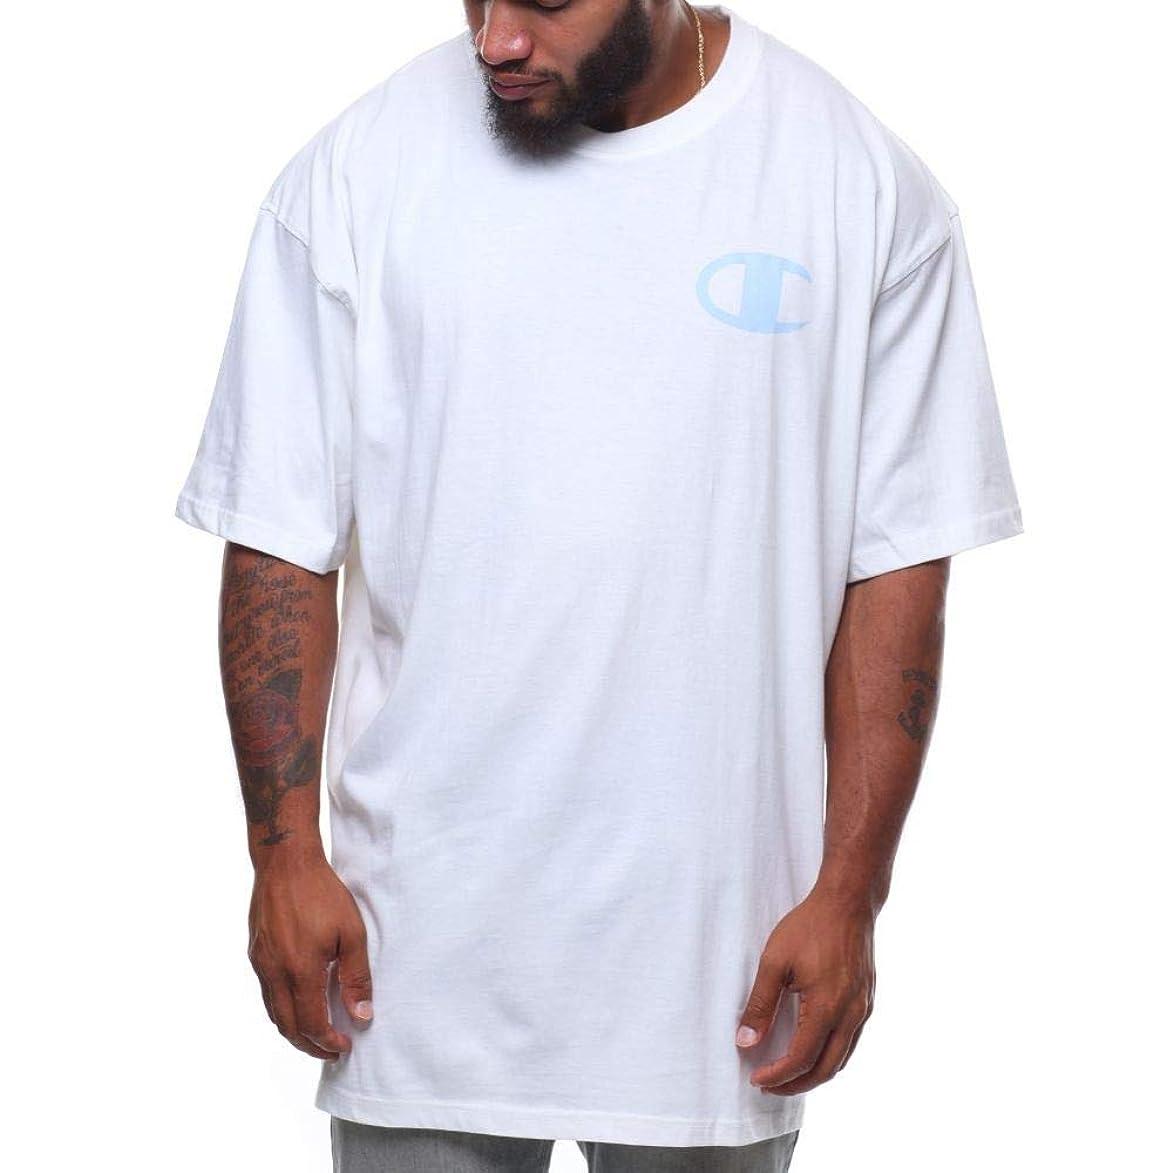 教義主婦しがみつく(チャンピオン) Champion メンズ トップス Tシャツ s/s logo tee (b&t) [並行輸入品]